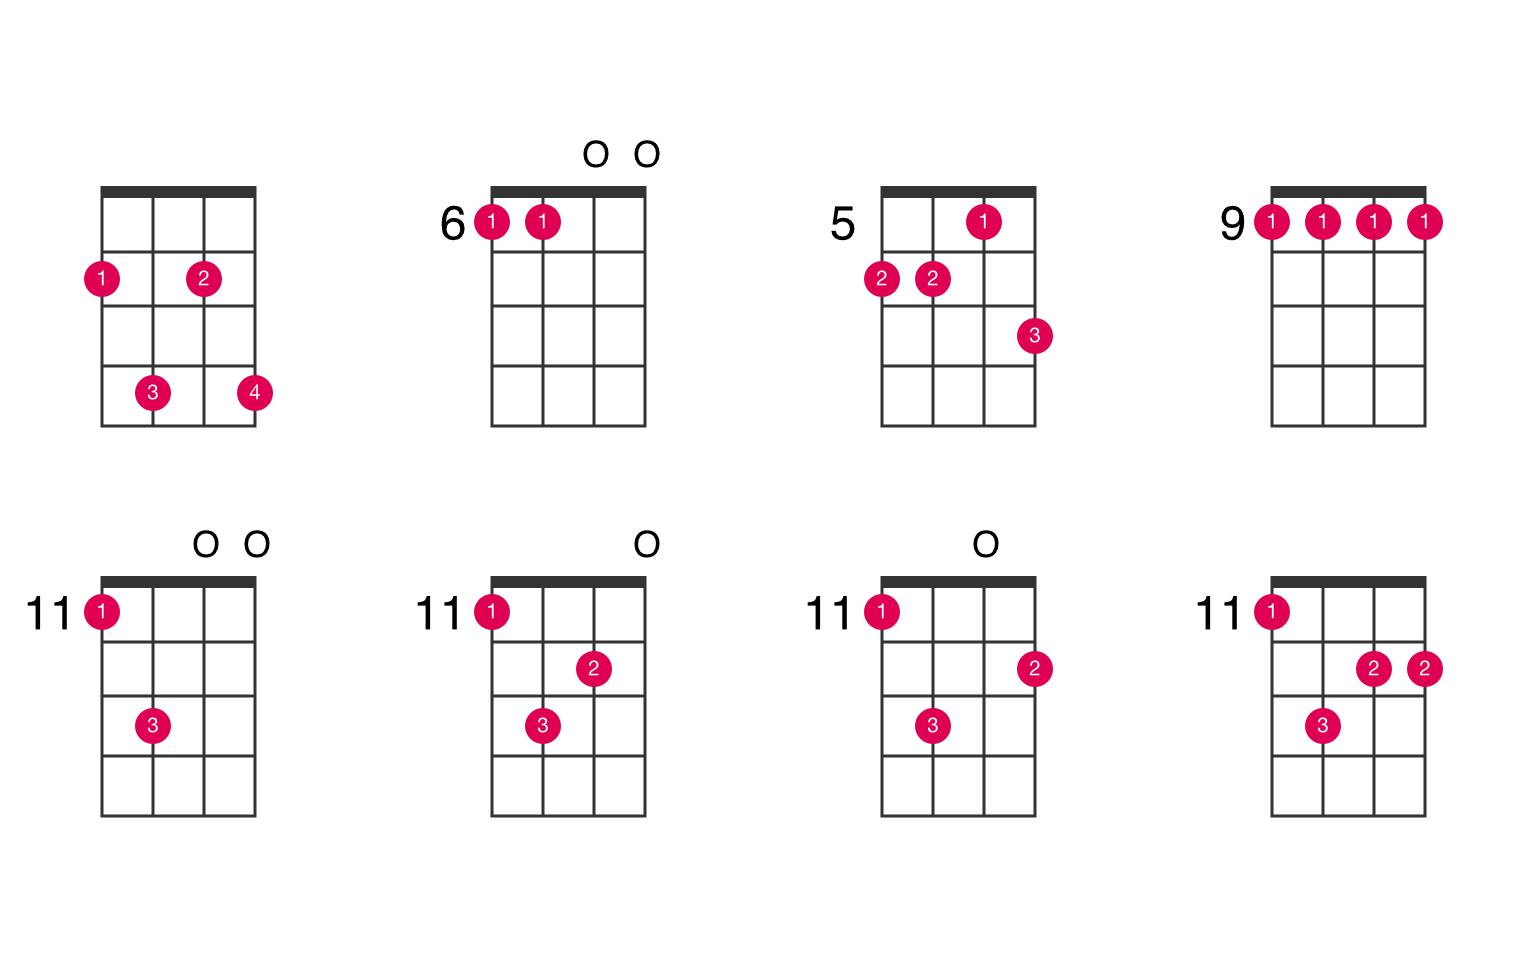 F-sharp minor 7th ukulele chord - UkeLib Chords